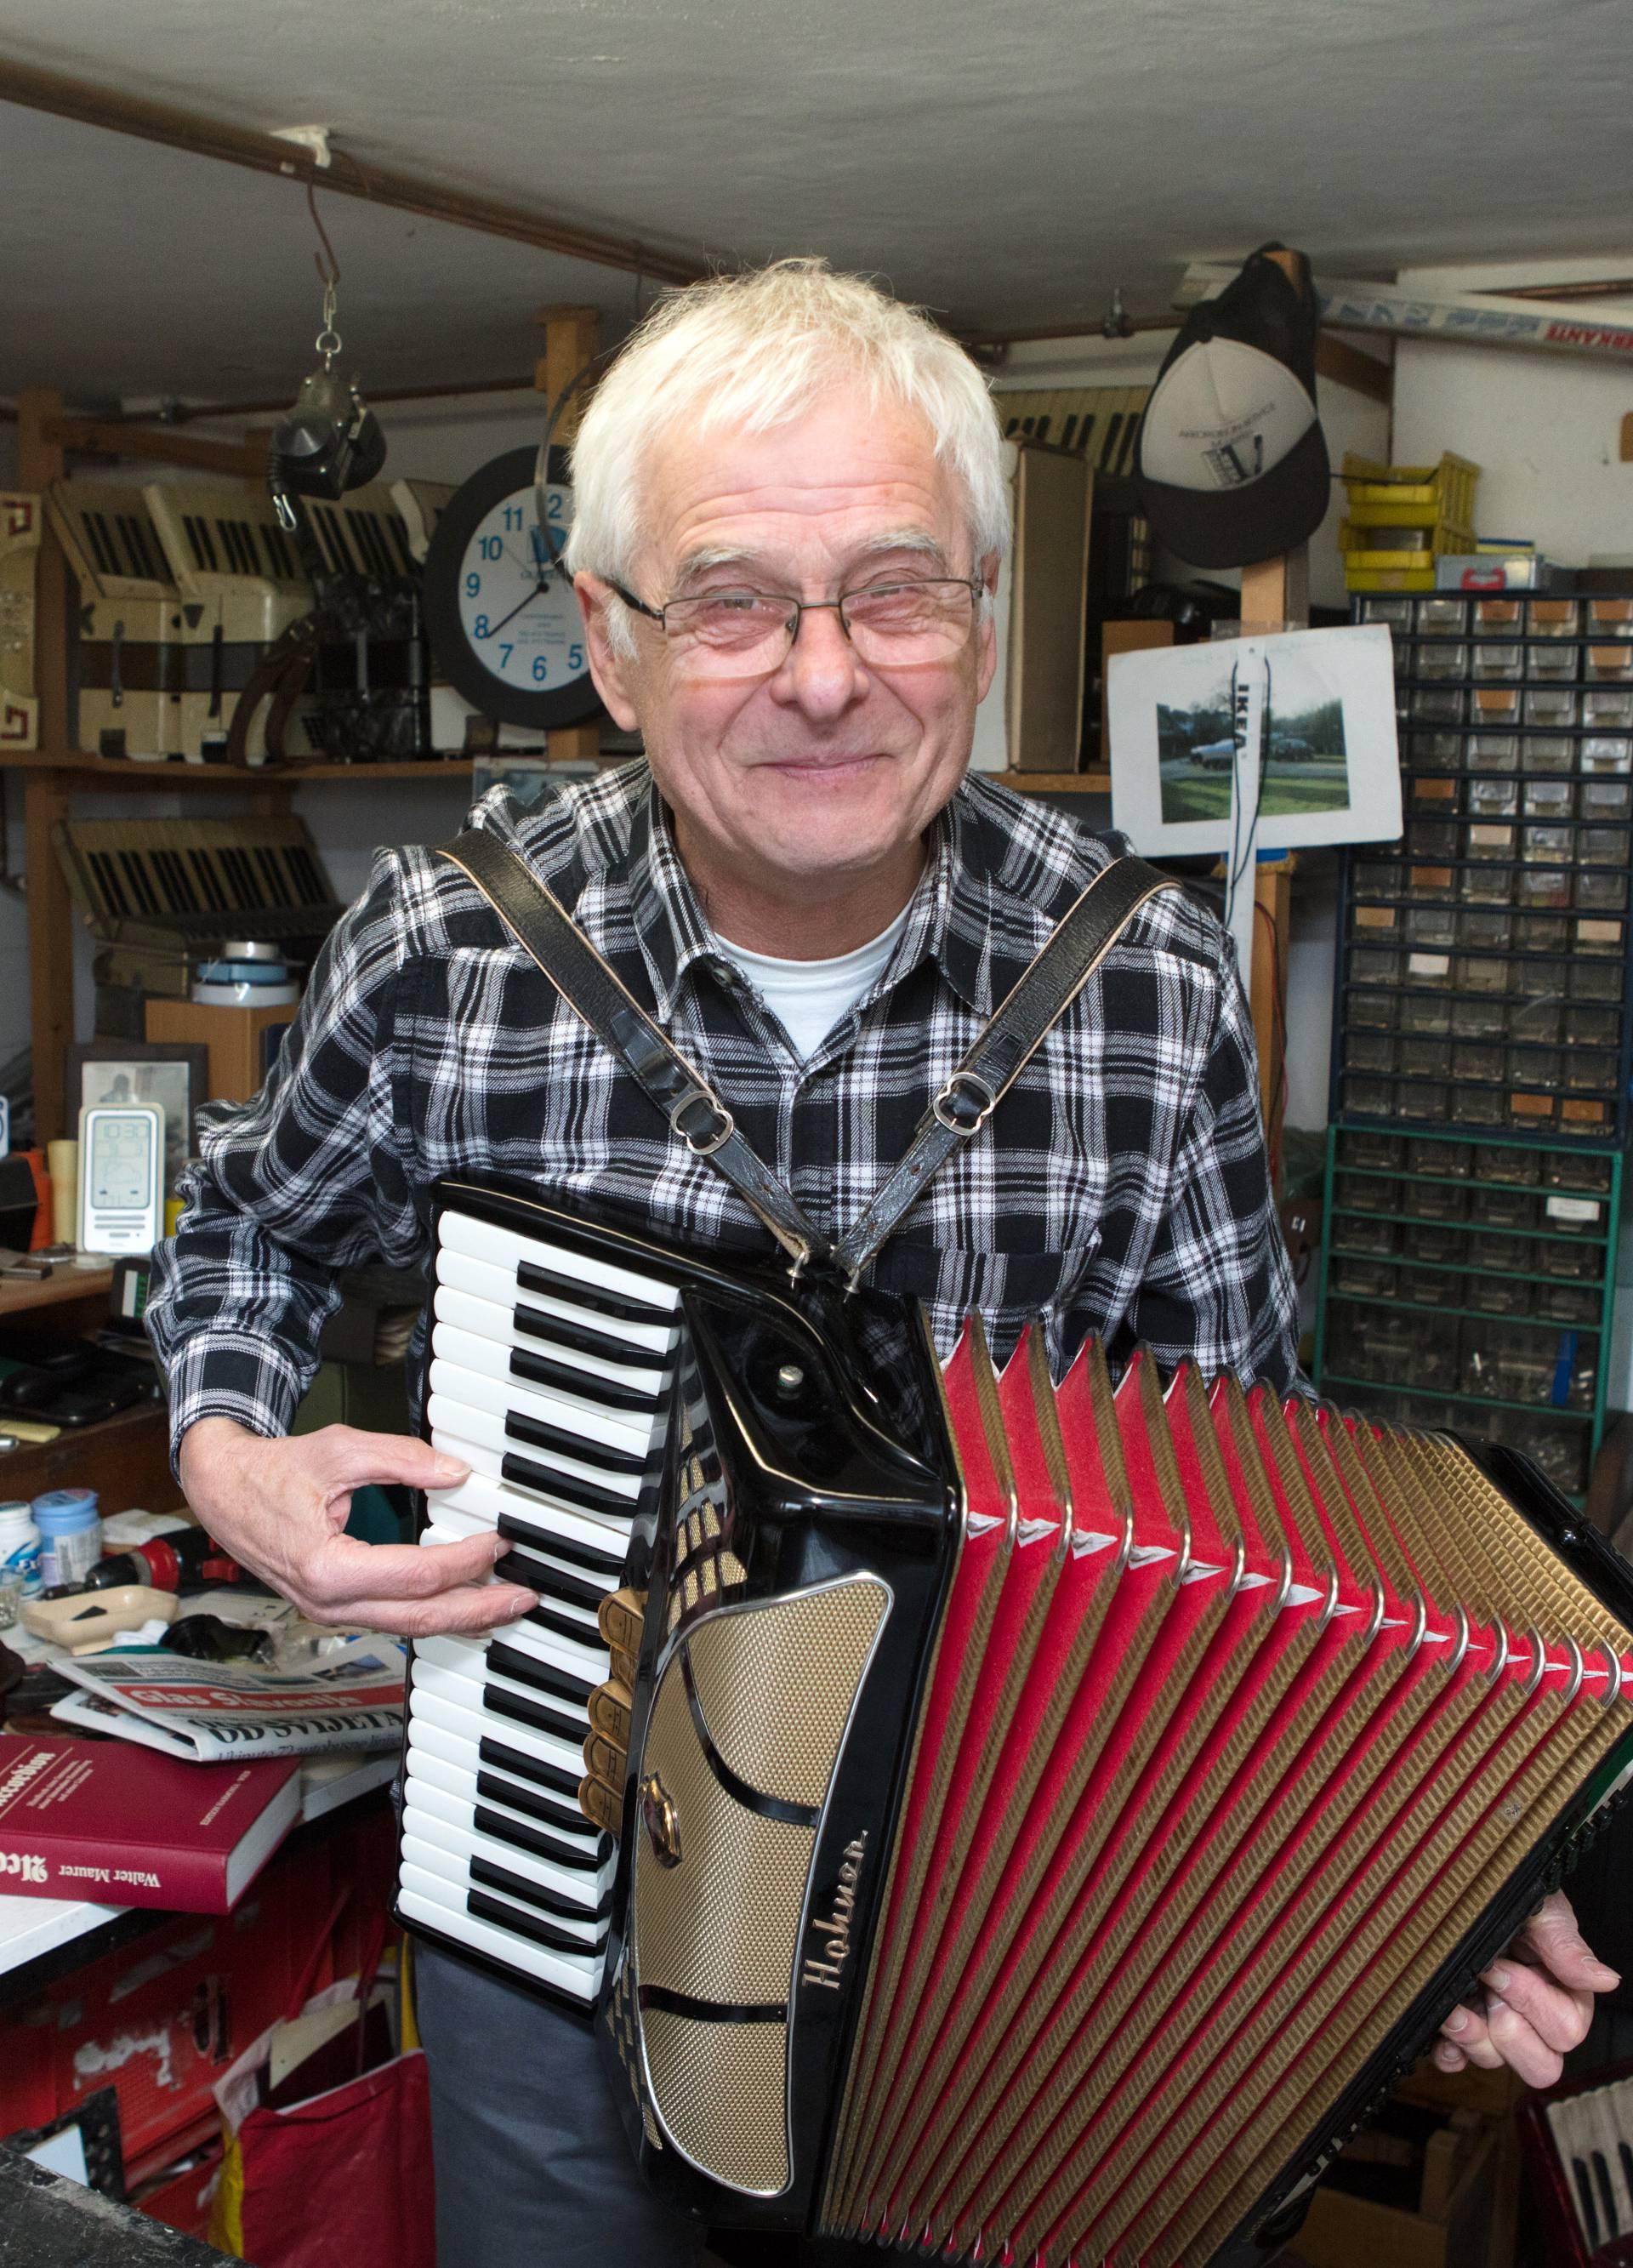 Instrument se vraća: Nema mi života bez mojih harmonika